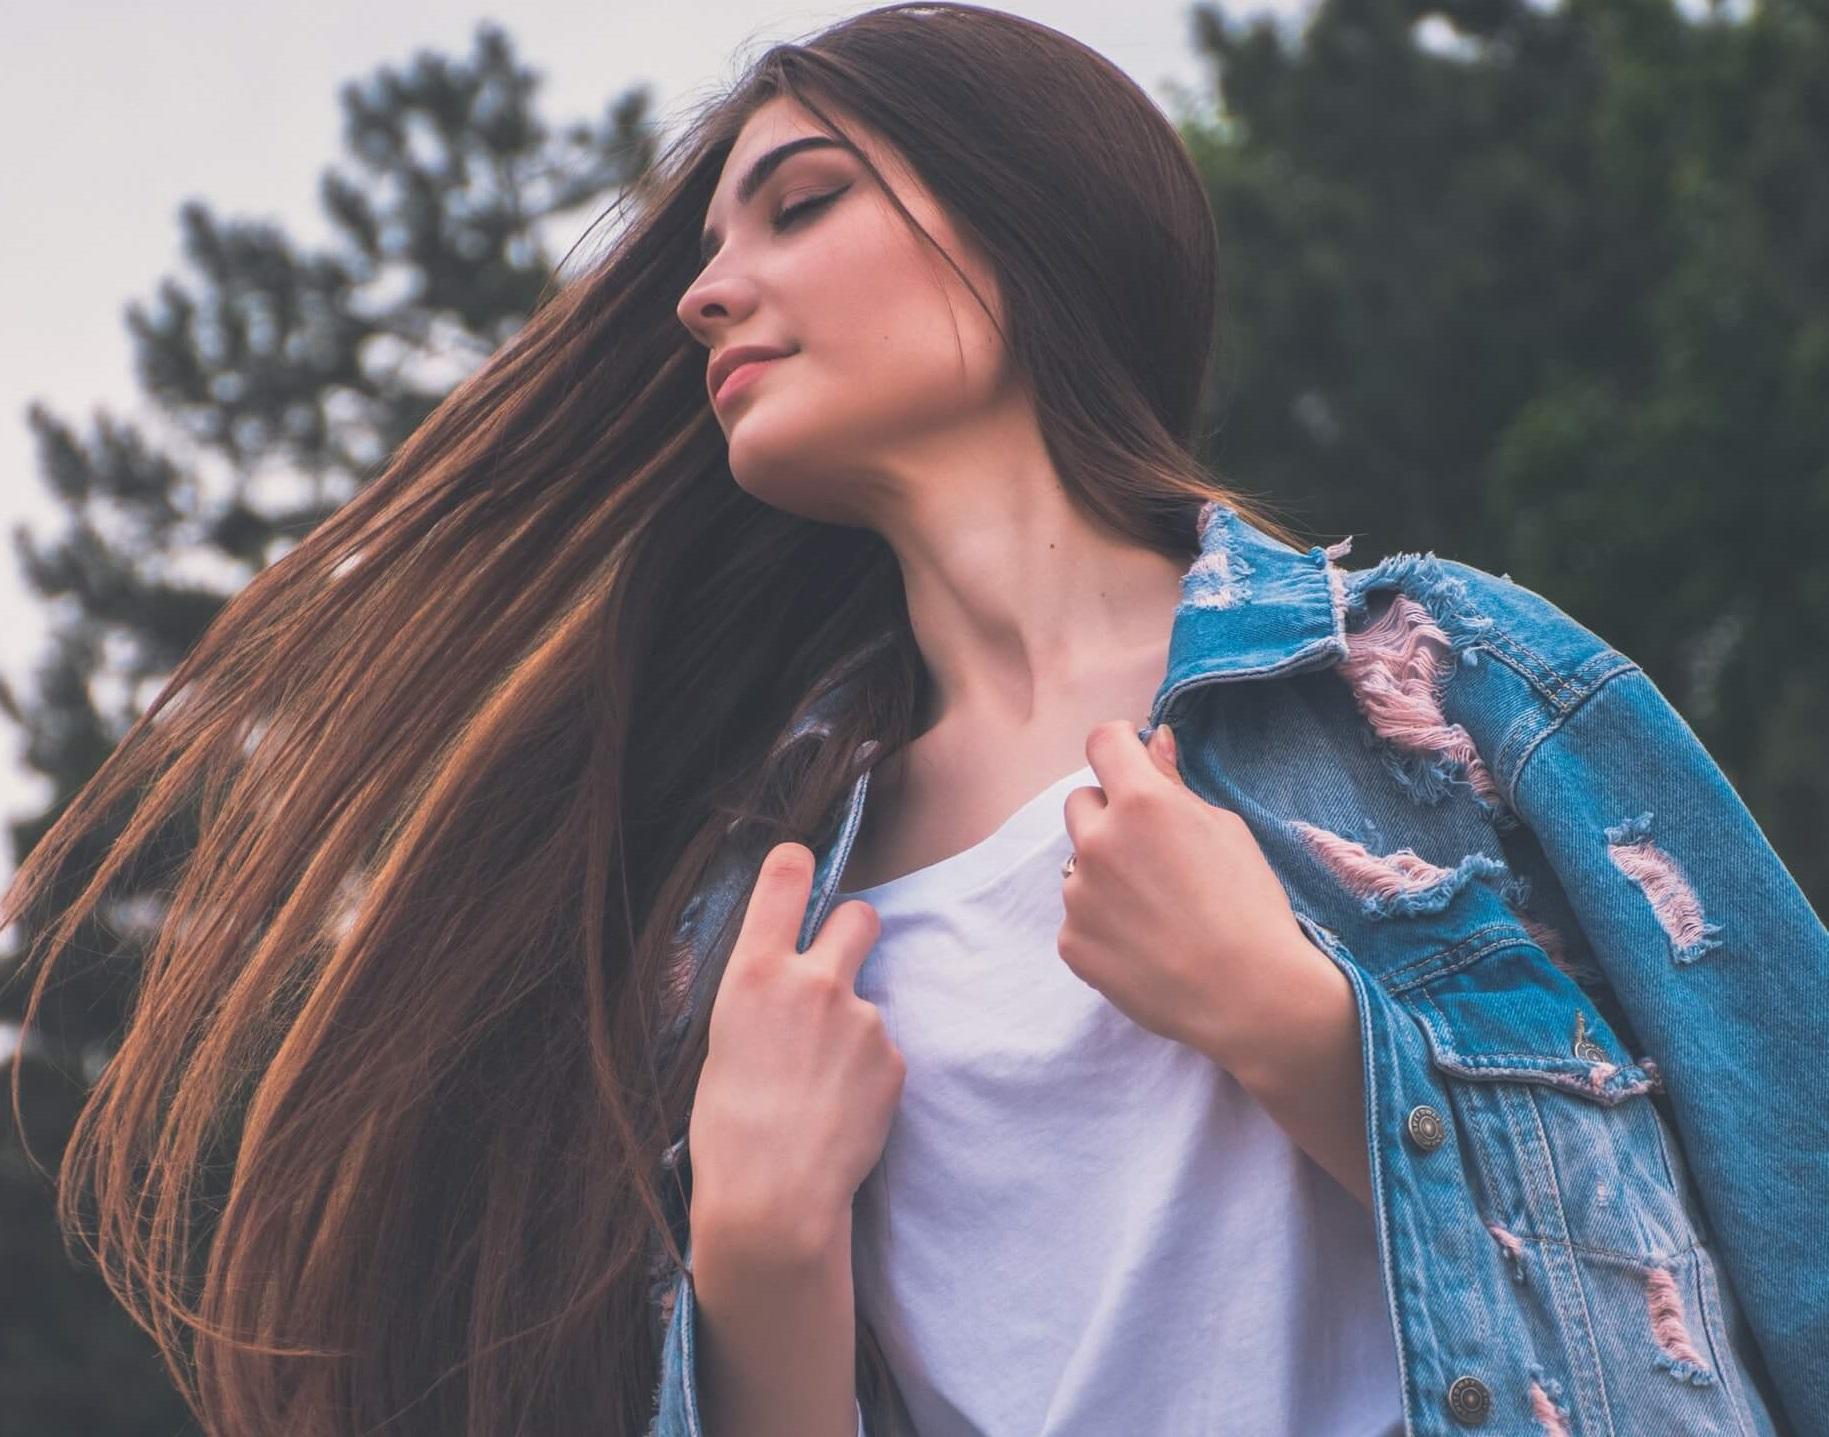 اليكِ خلطات طبيعية لتطويل الشعر بسرعة